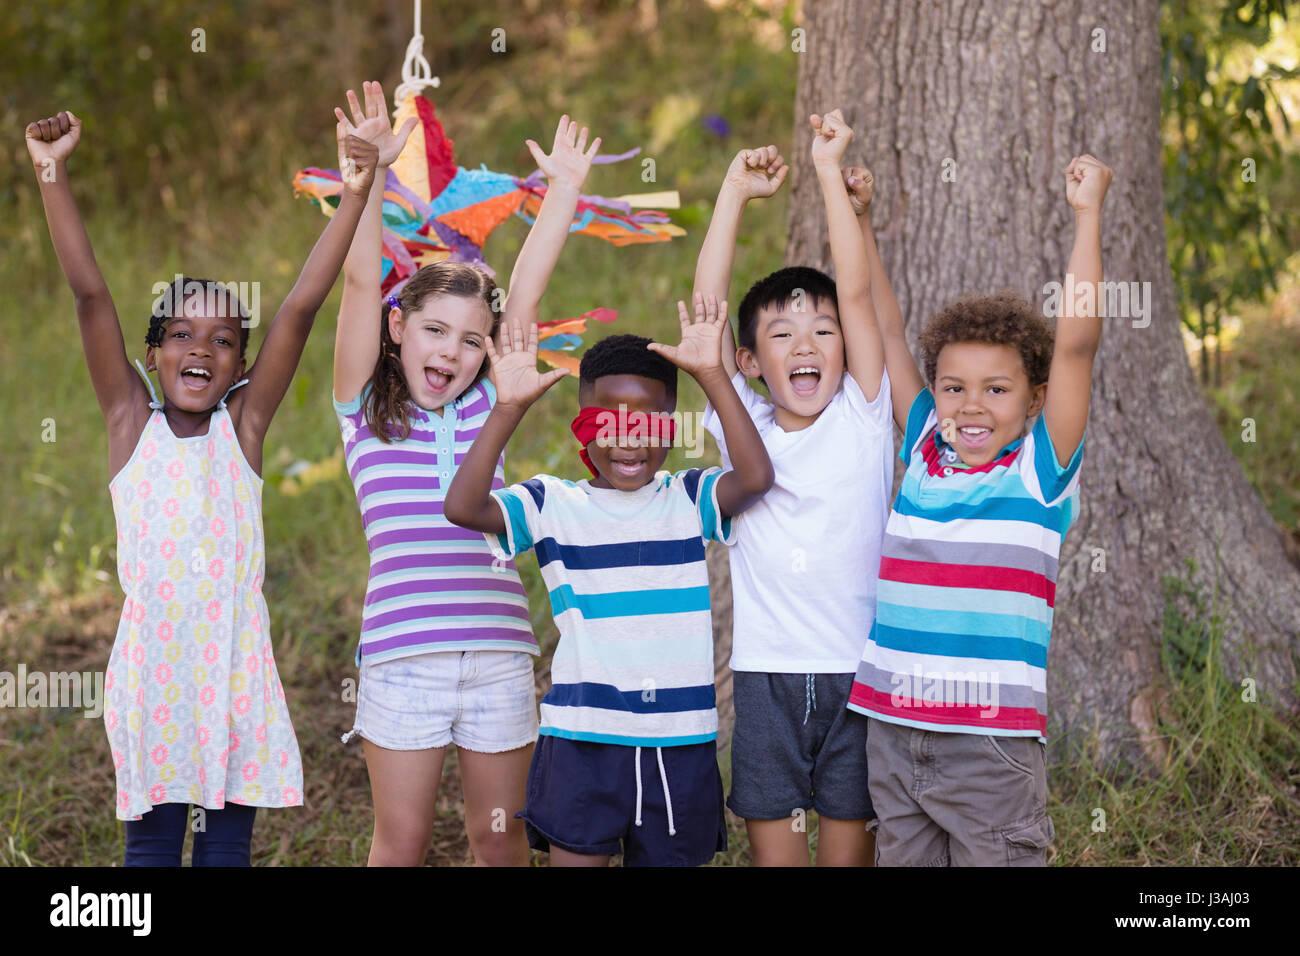 Happy amici tifo con gli occhi bendati ragazzo in campeggio Immagini Stock